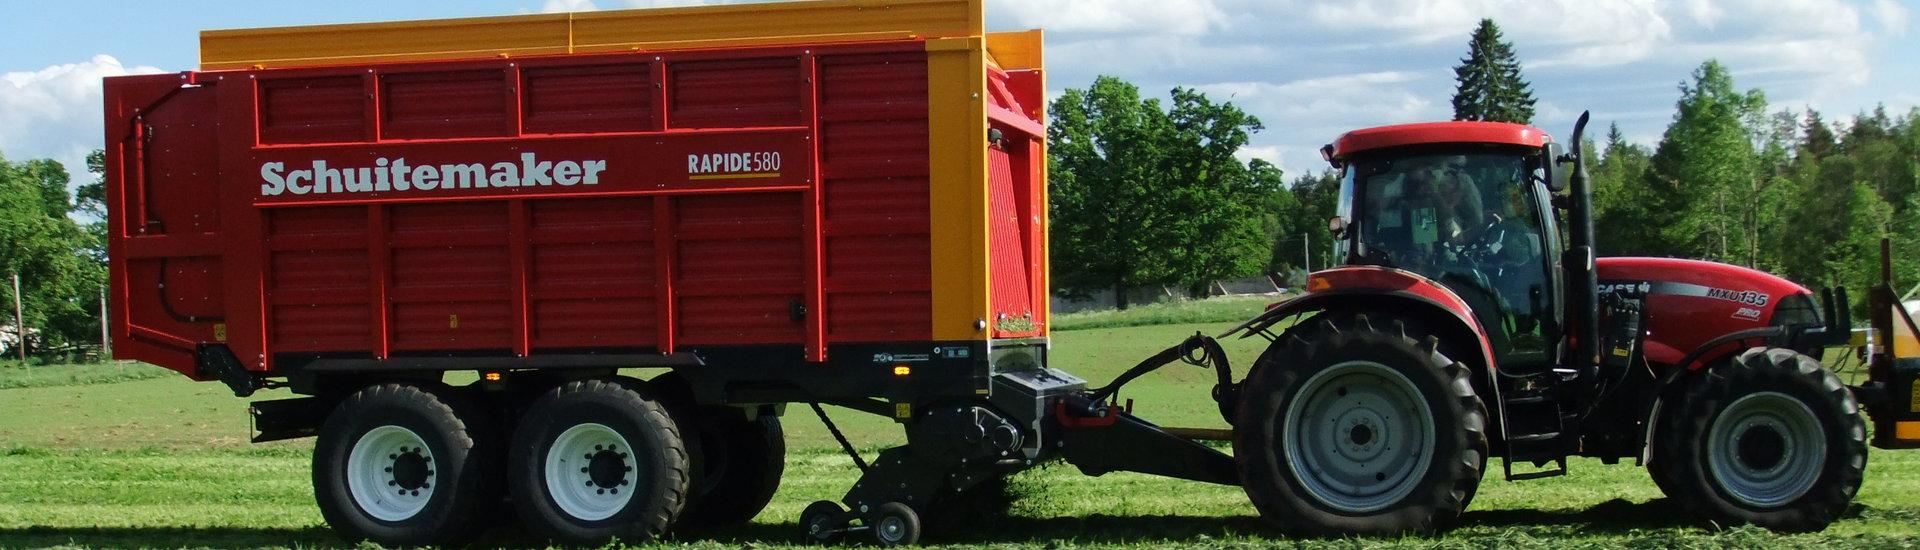 Schuitemaker Rapide dubbeldoelwagen